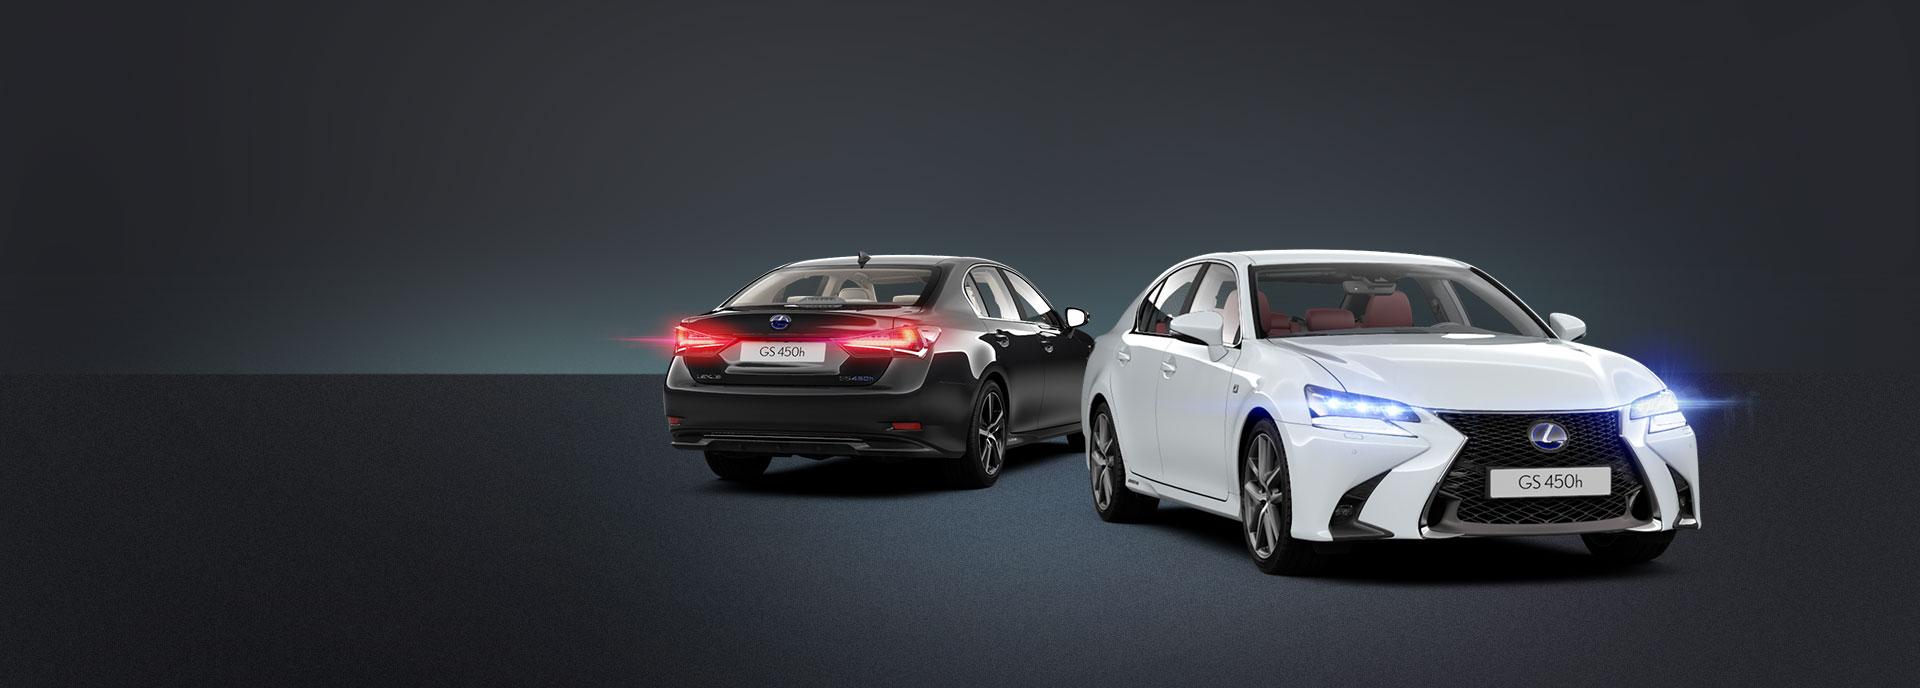 musta ja valkoinen Lexus GS 450h Hybrid